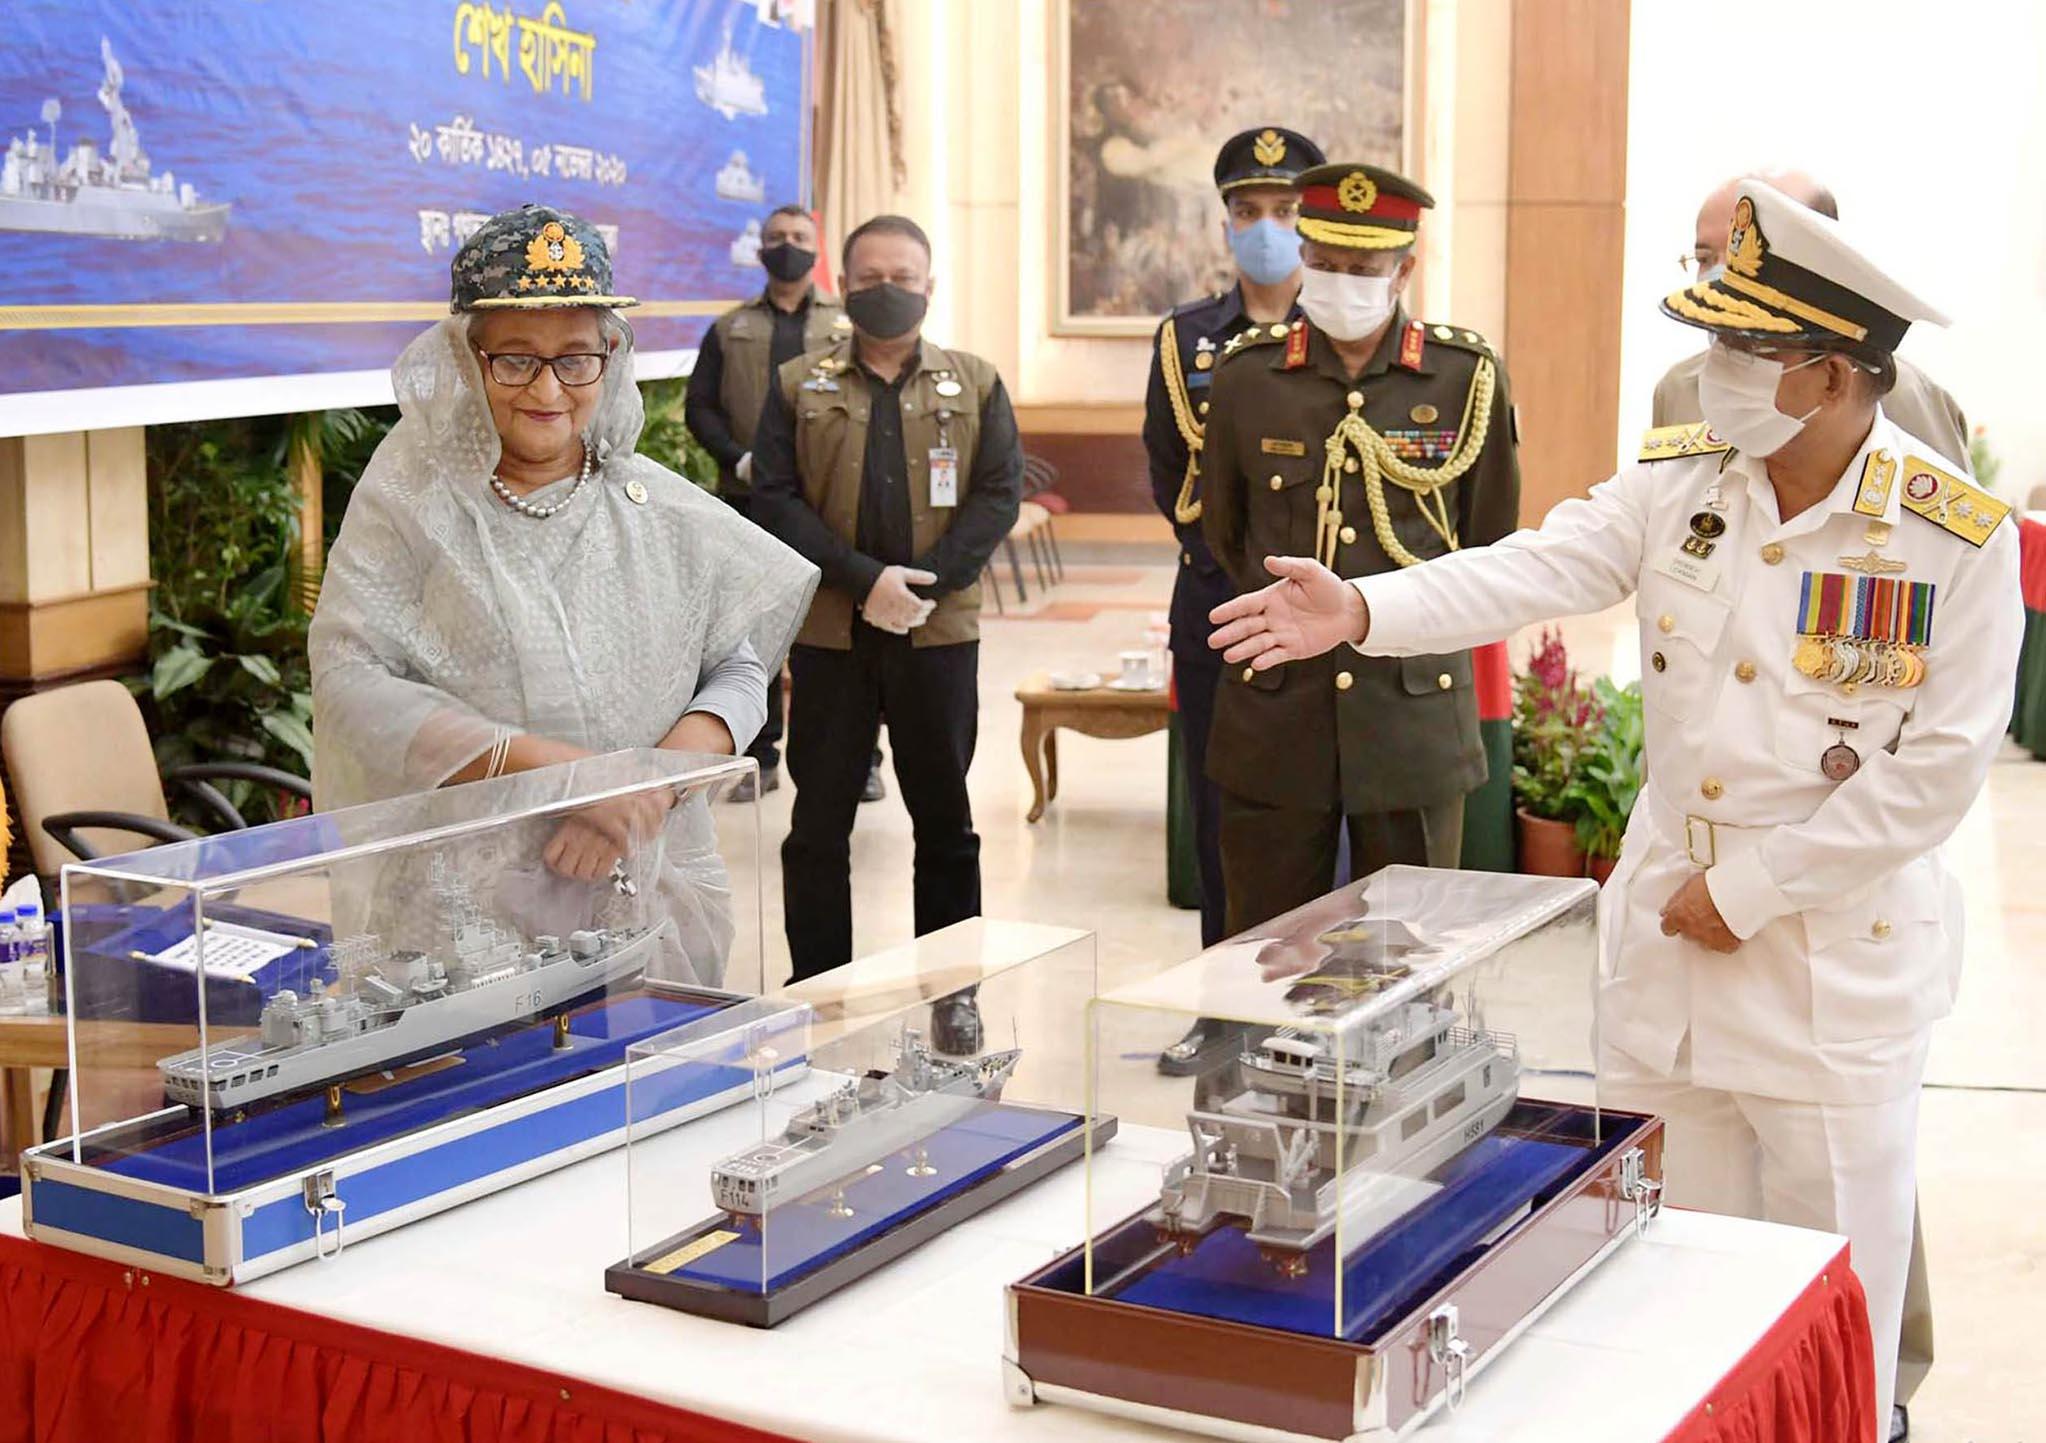 নৌবাহিনীর যুদ্ধ জাহাজসহ ৫টি আধুনিক জাহাজ কমিশনিং করলেন প্রধানমন্ত্রী